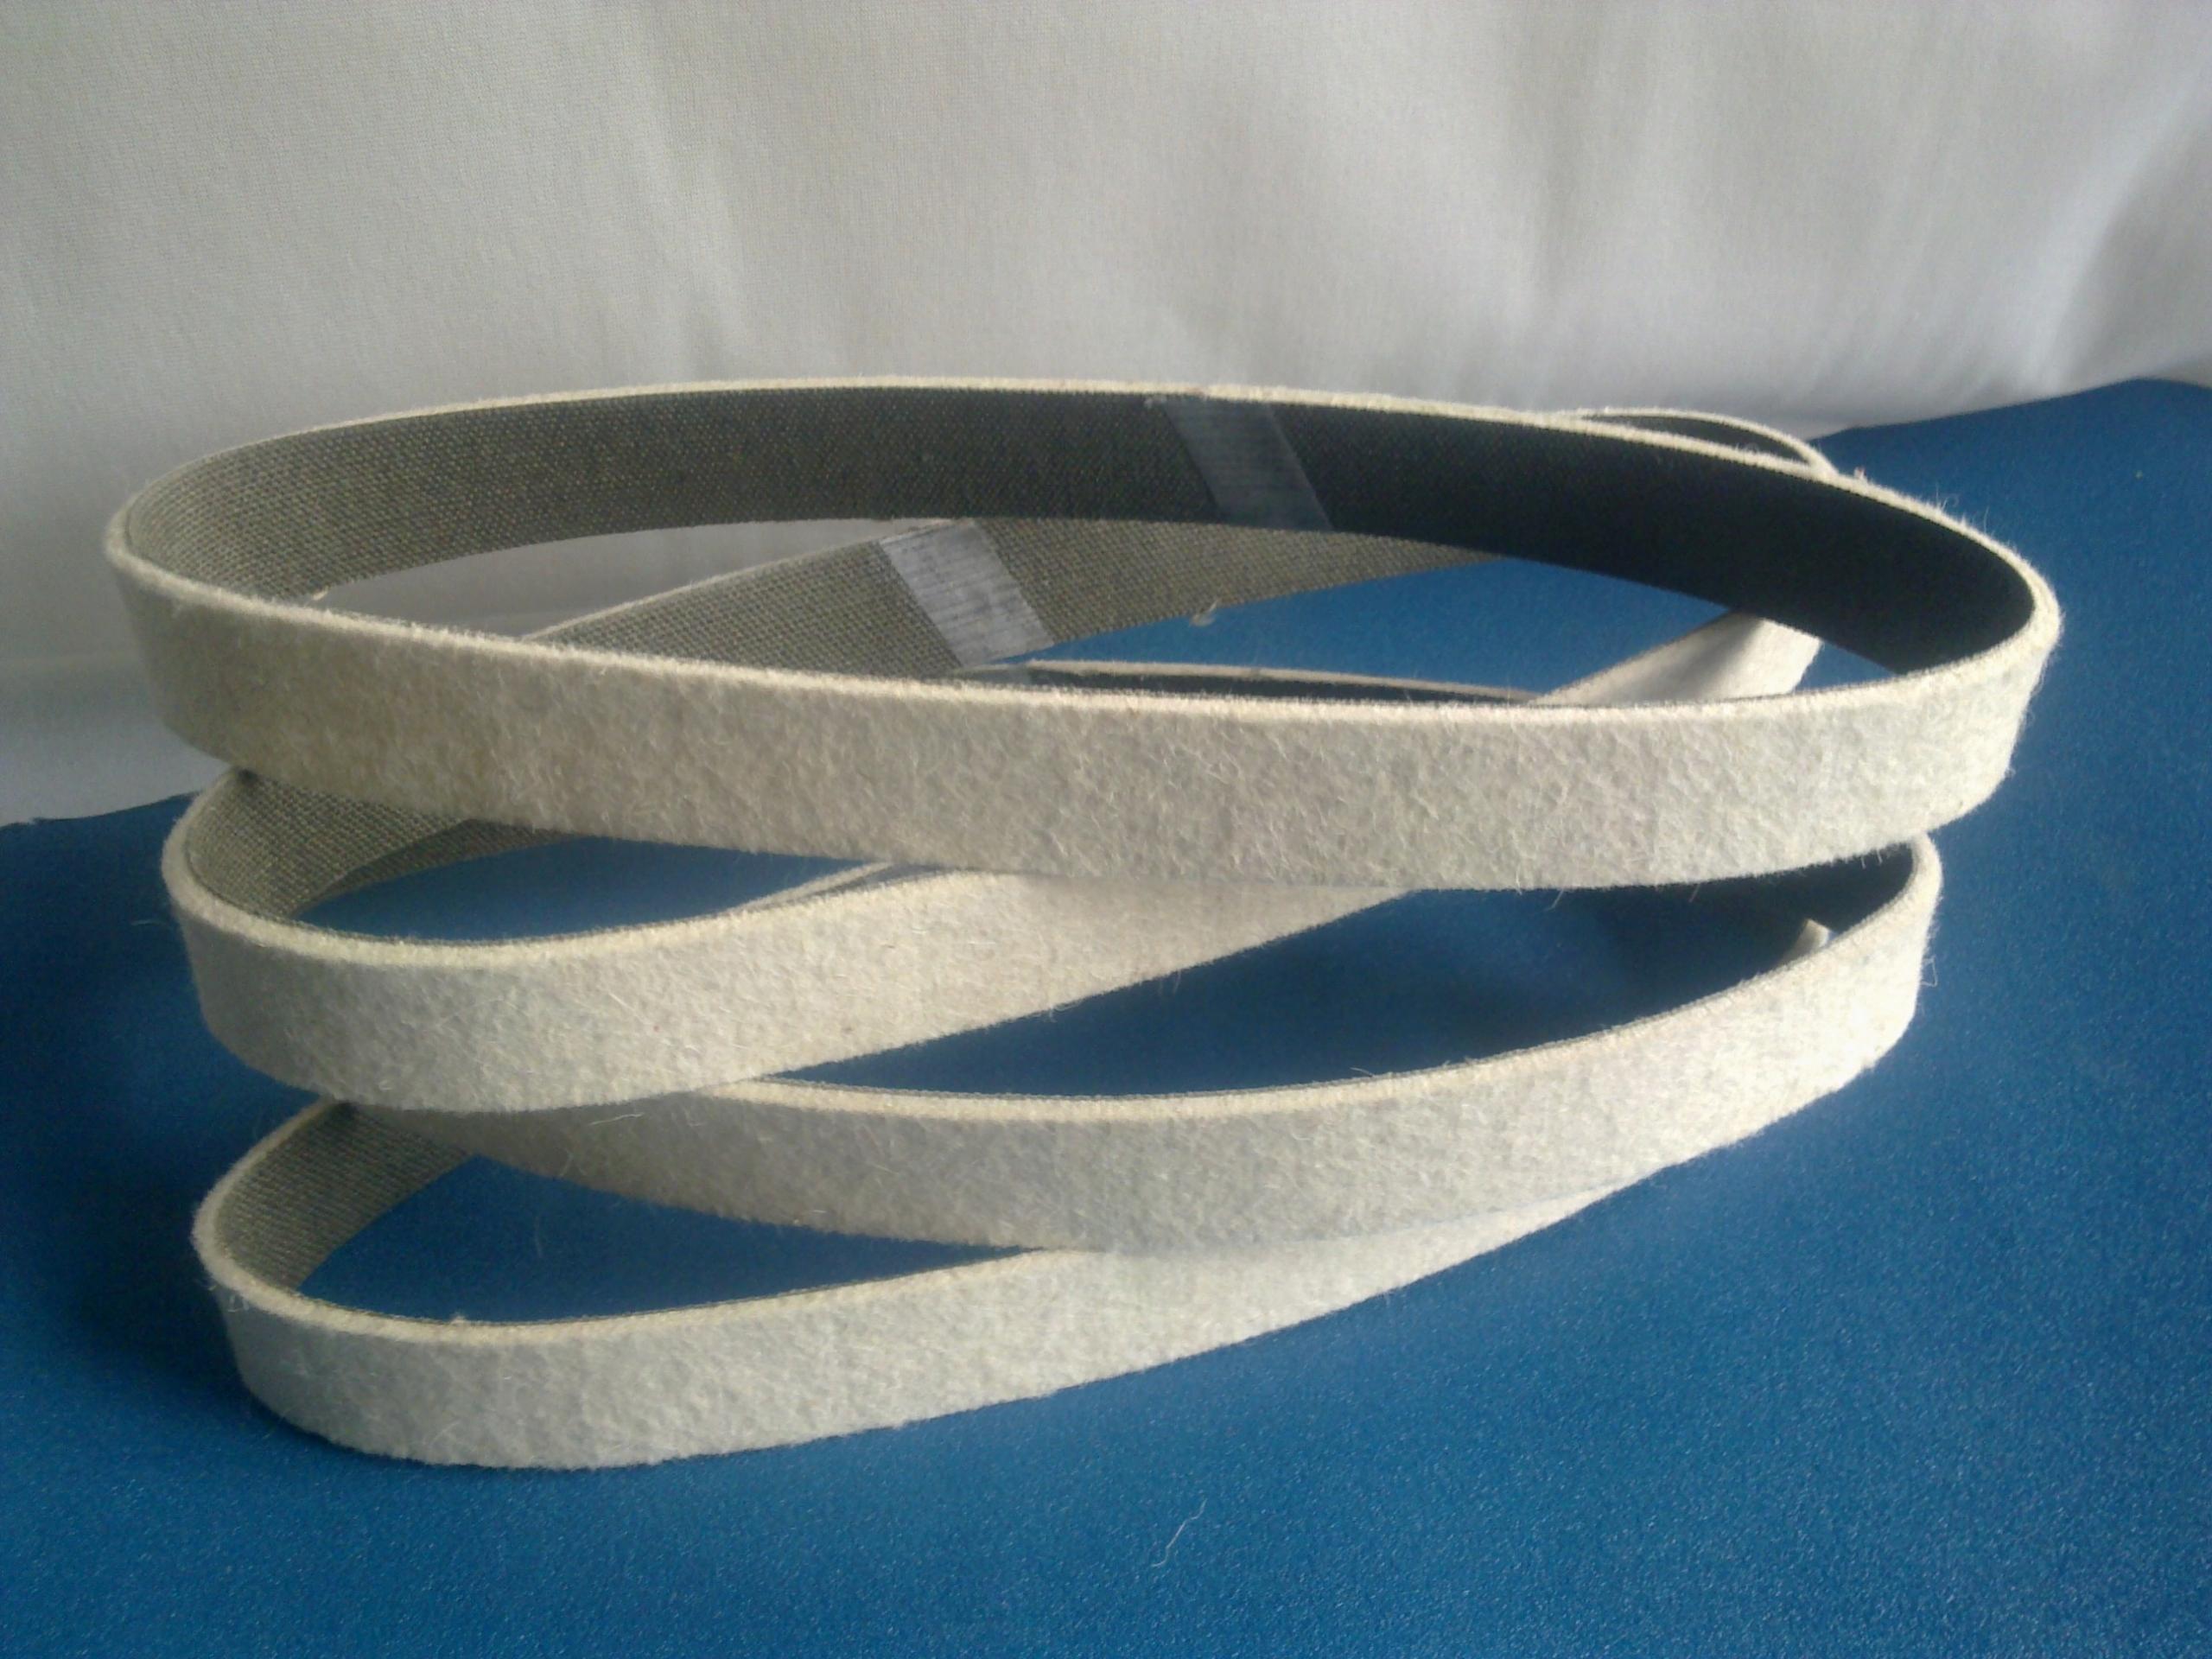 Polecitný / plstený pás 50 x 686 / hrúbka 3 mm